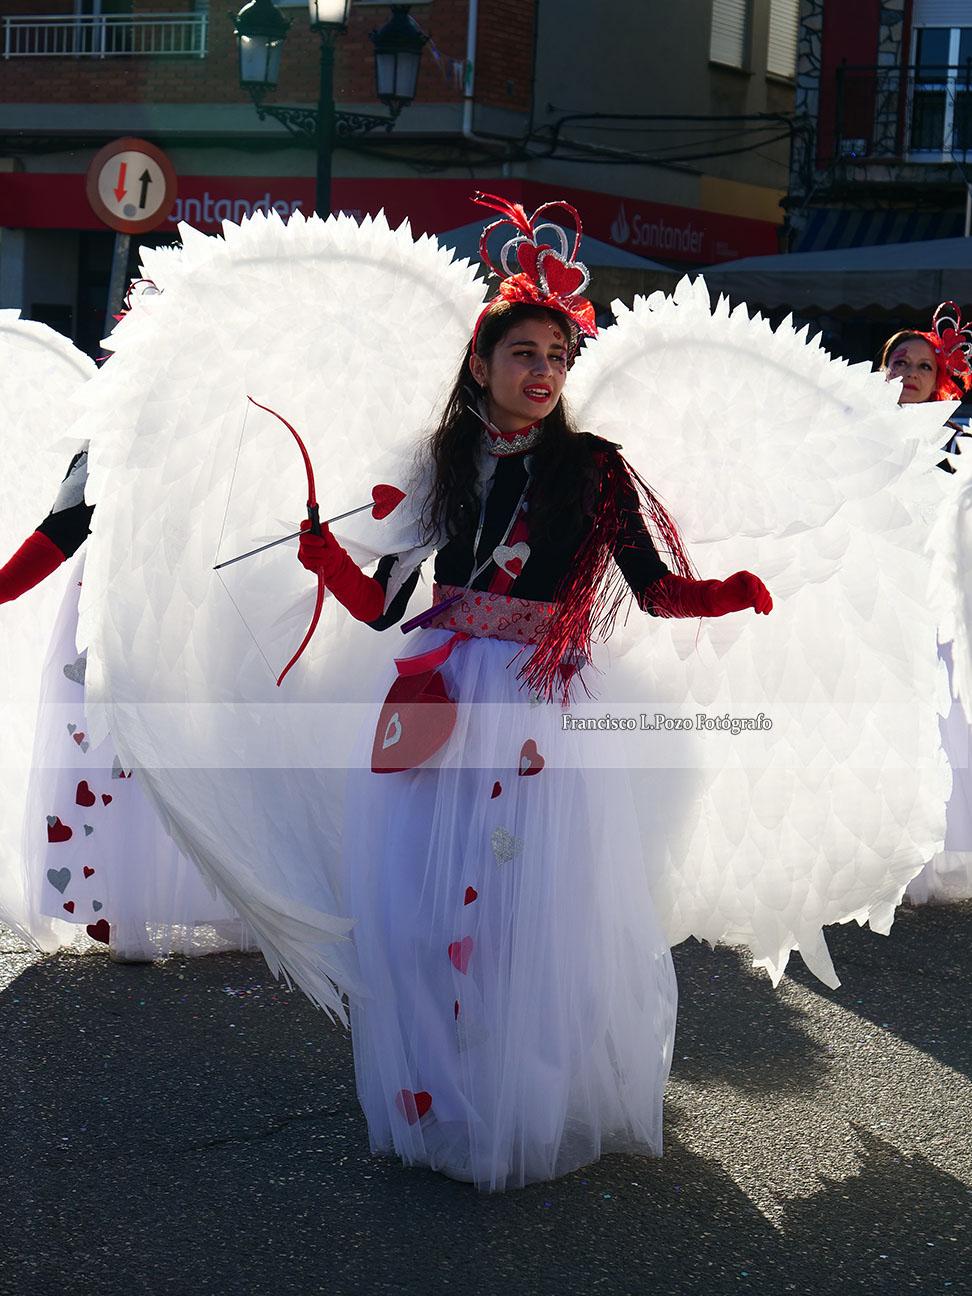 Carnaval 2020: Camponaraya sale a la calle a ritmo de comparsa 4